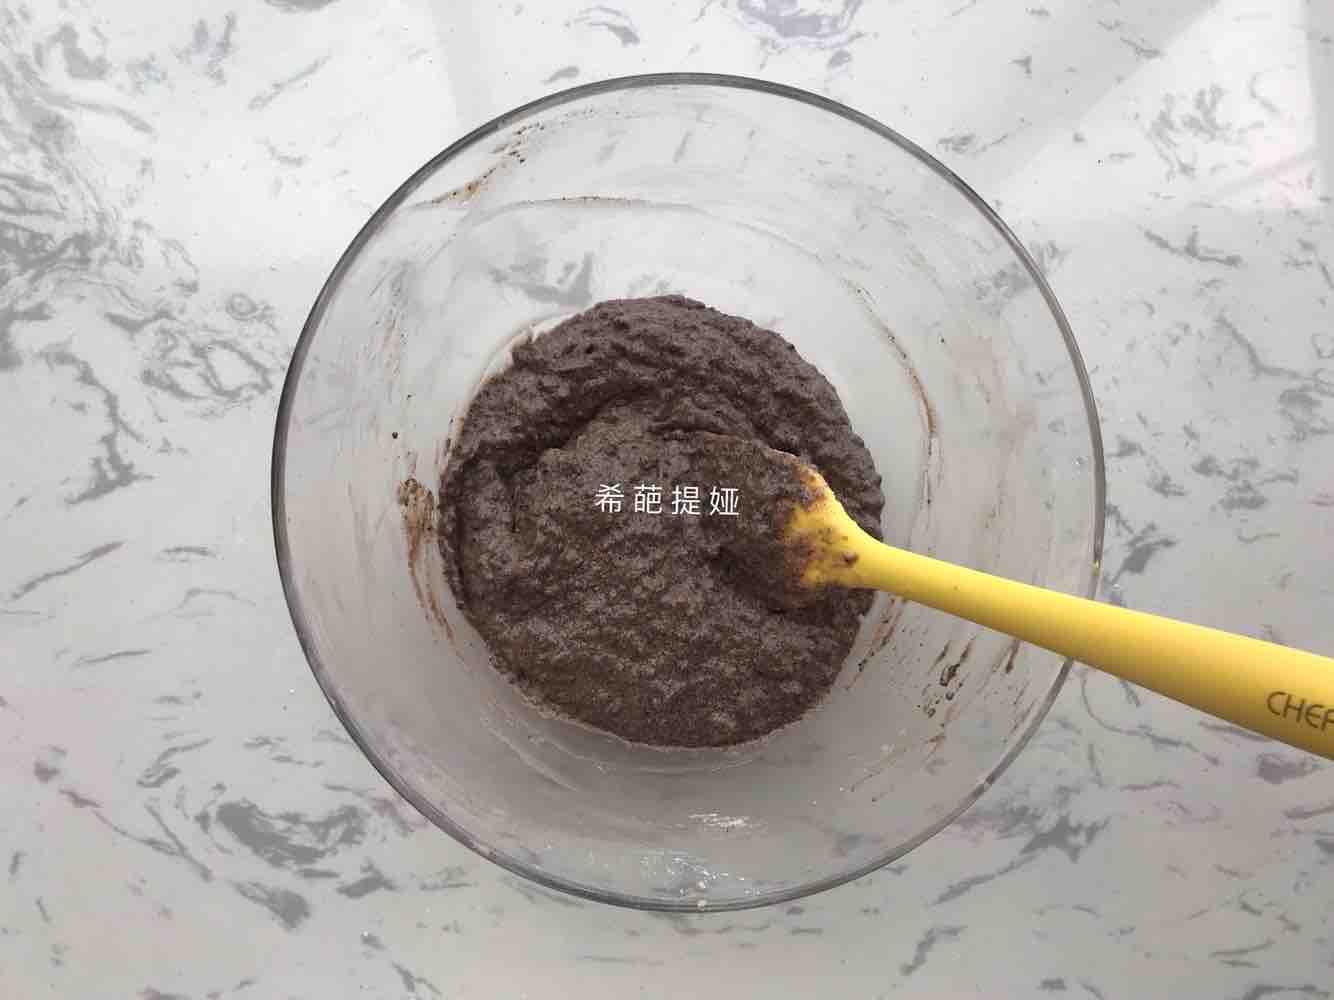 奥利奥纸杯蛋糕怎么煮